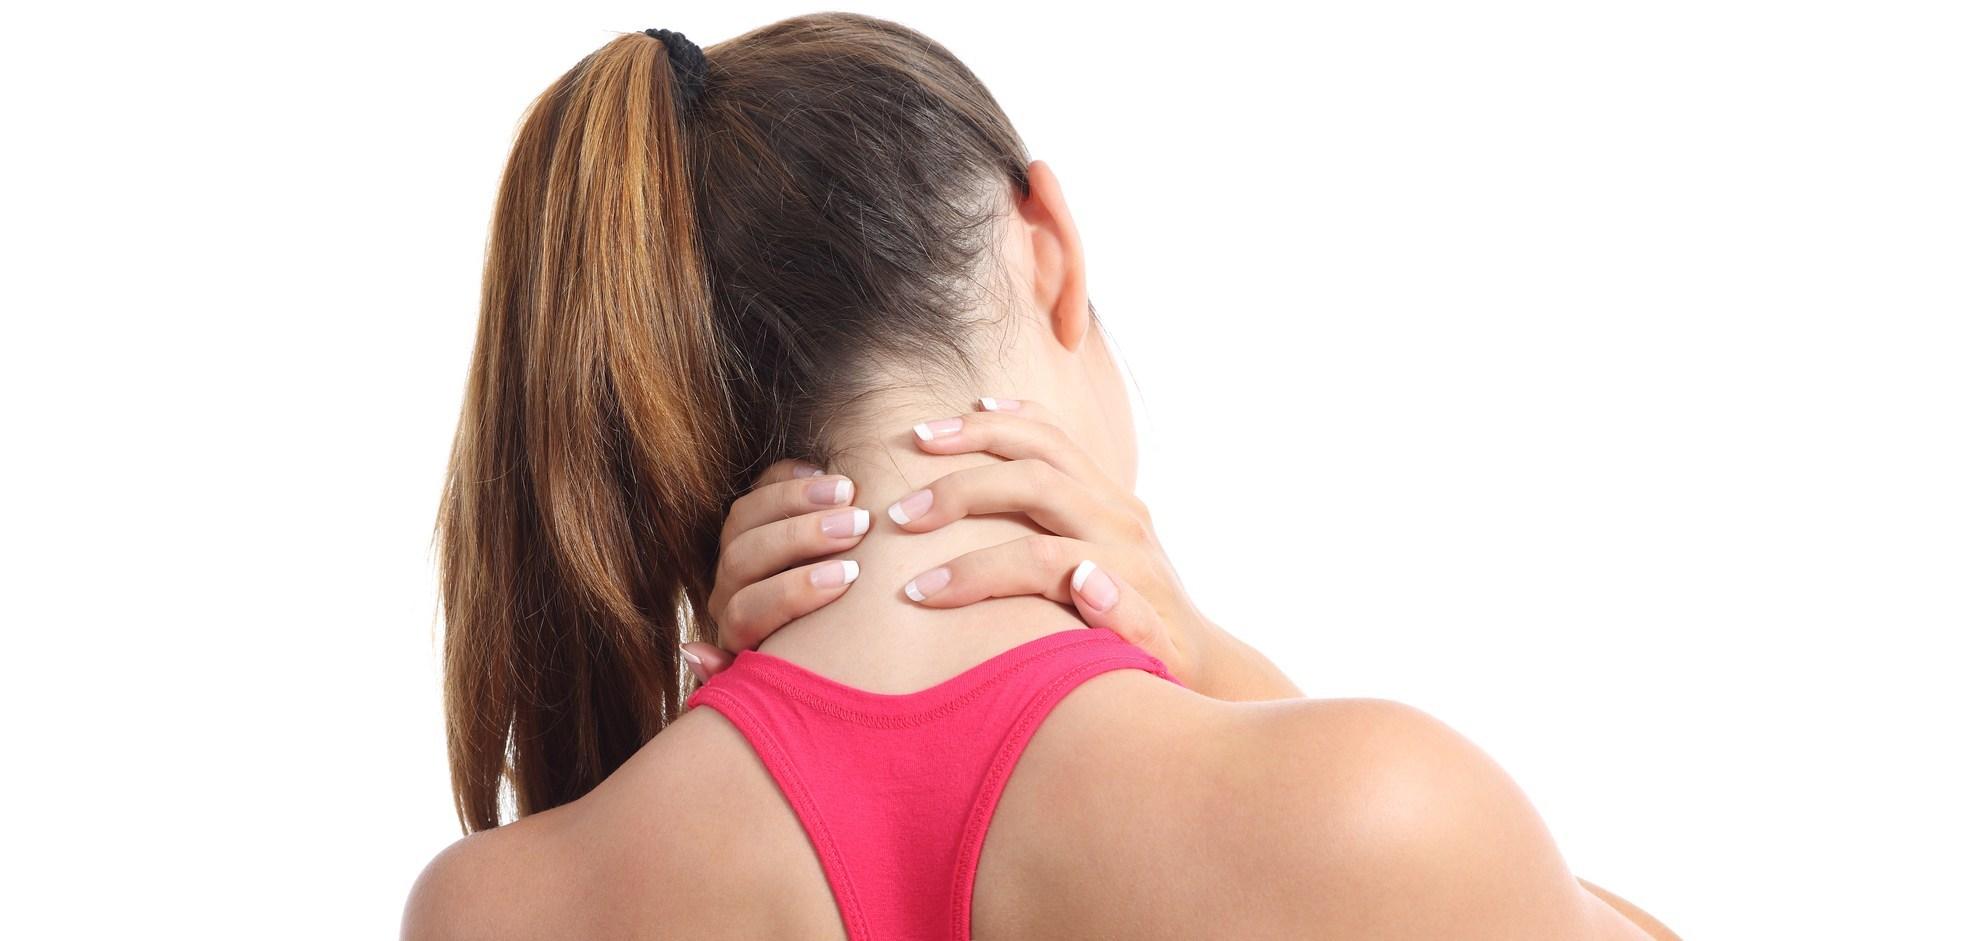 10 Cara Terapi Saraf Kejepit di Rumah